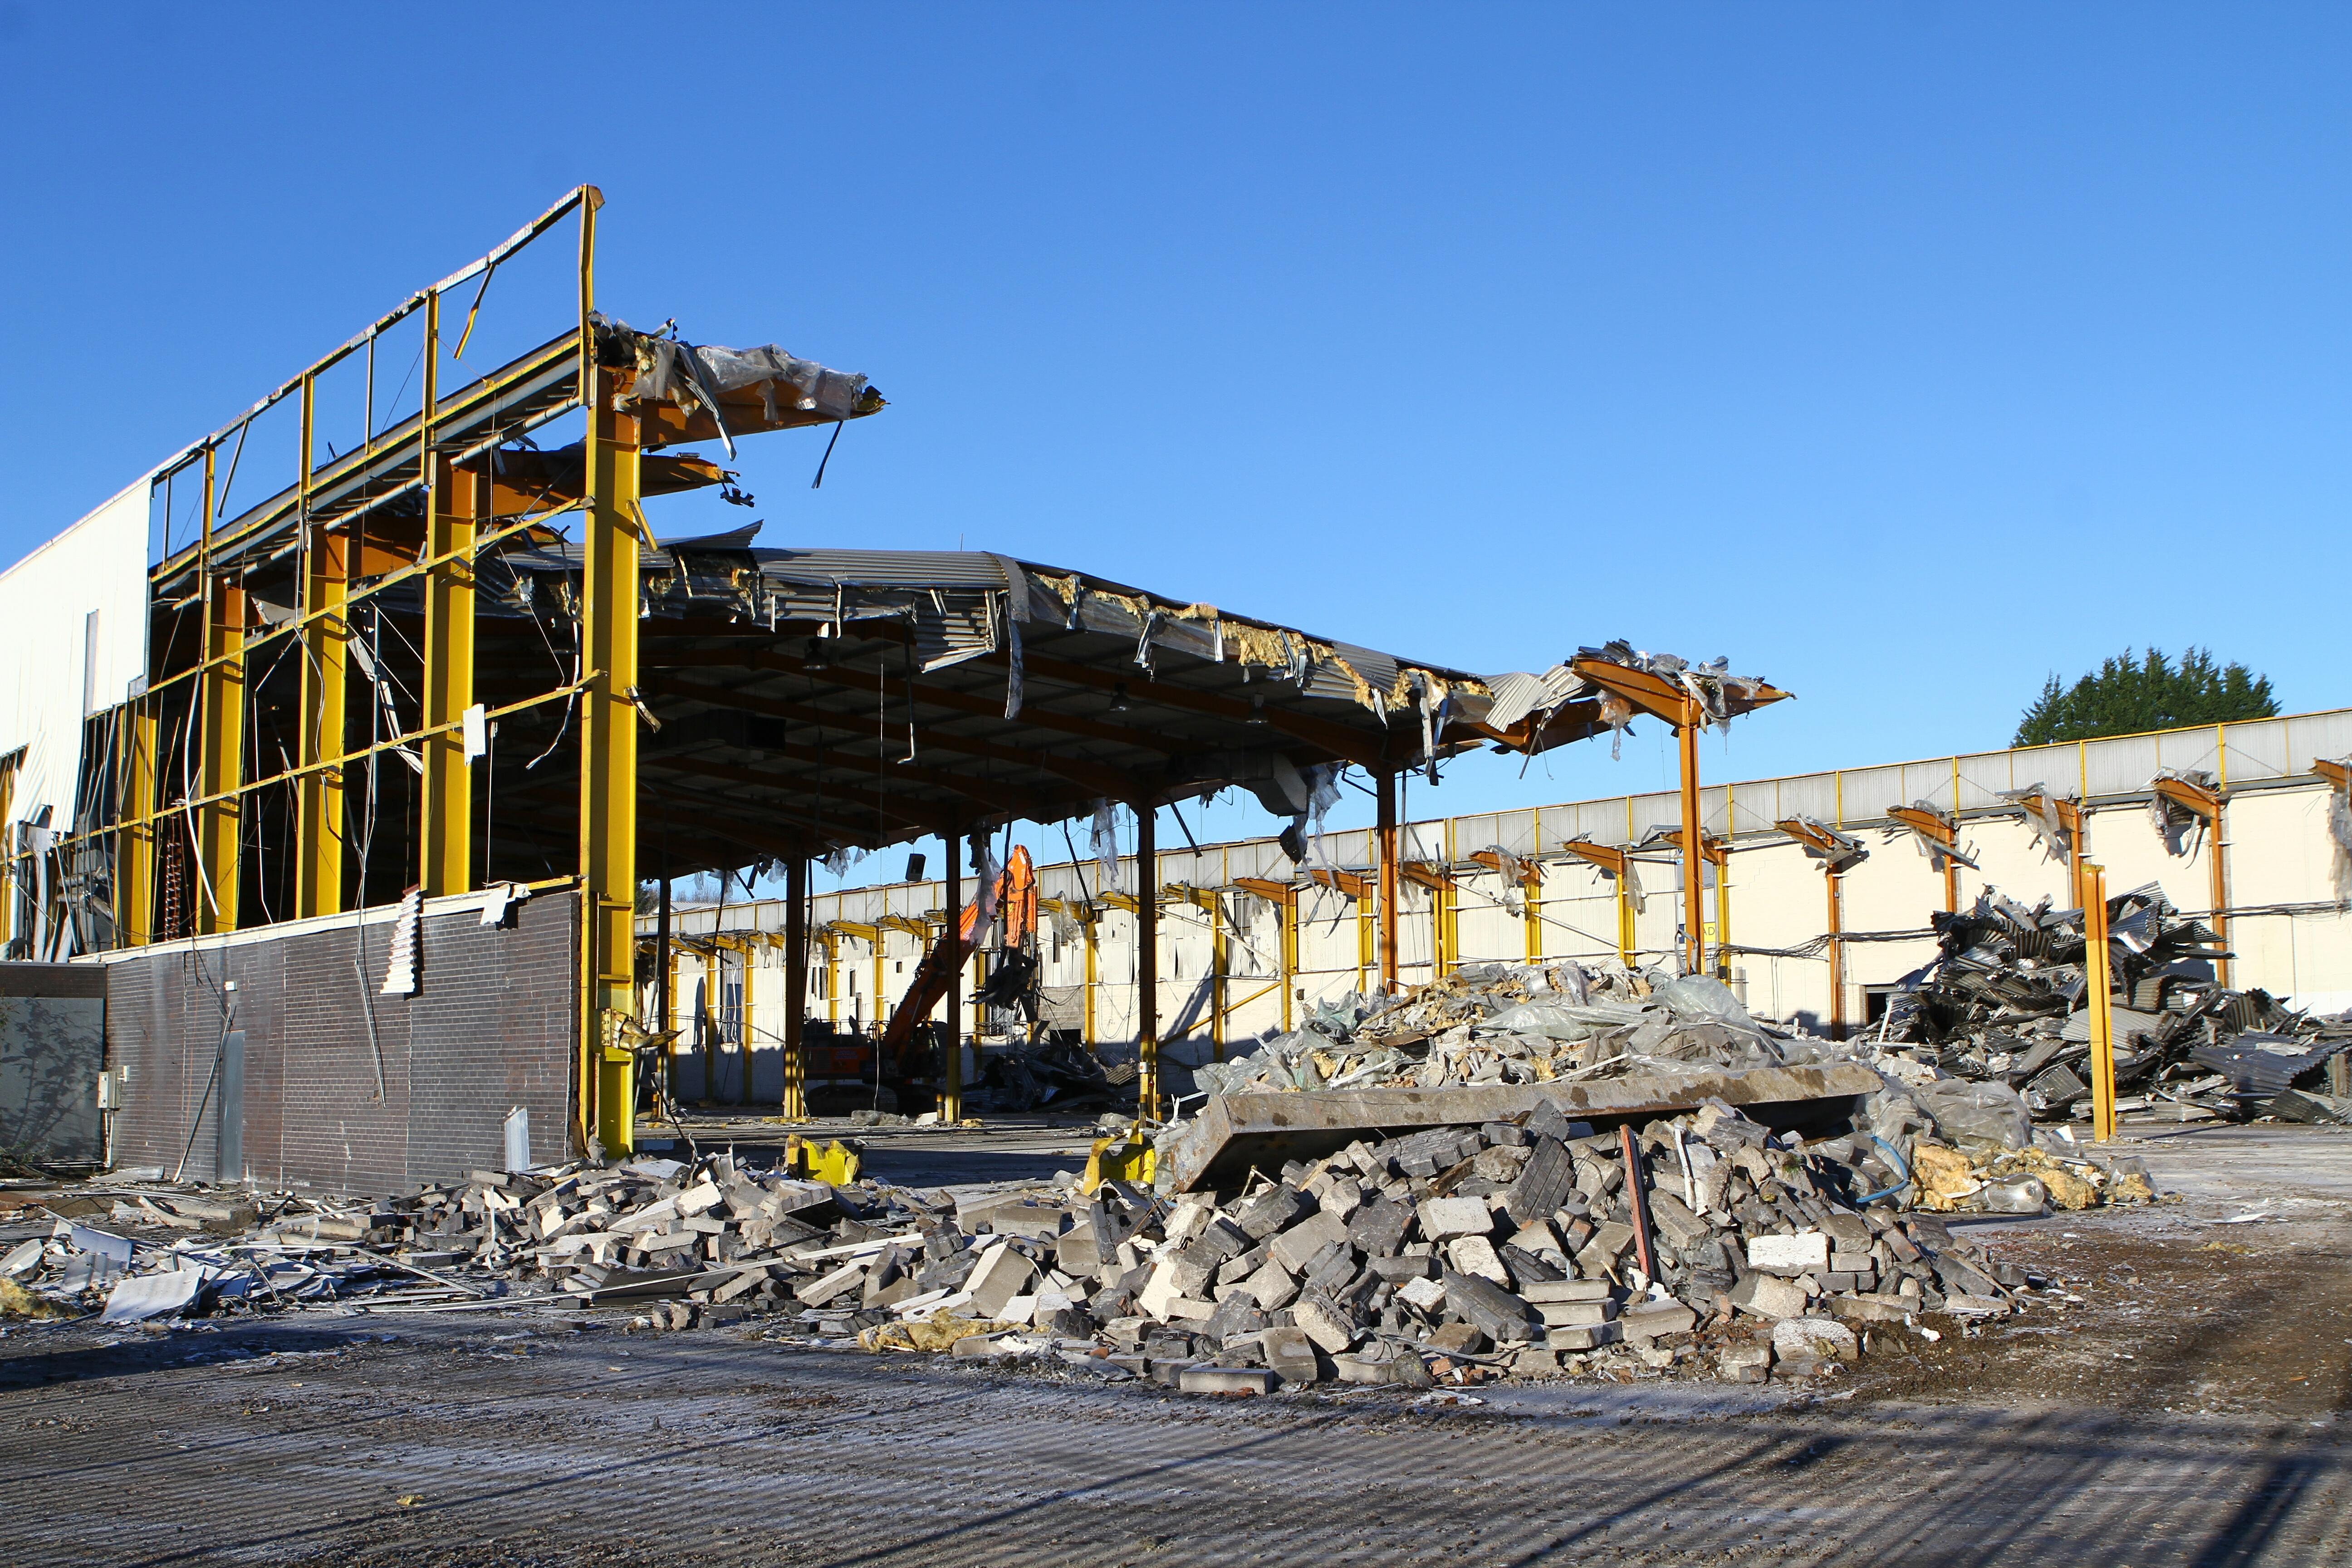 Former Tesco Distribution Centre demolition.